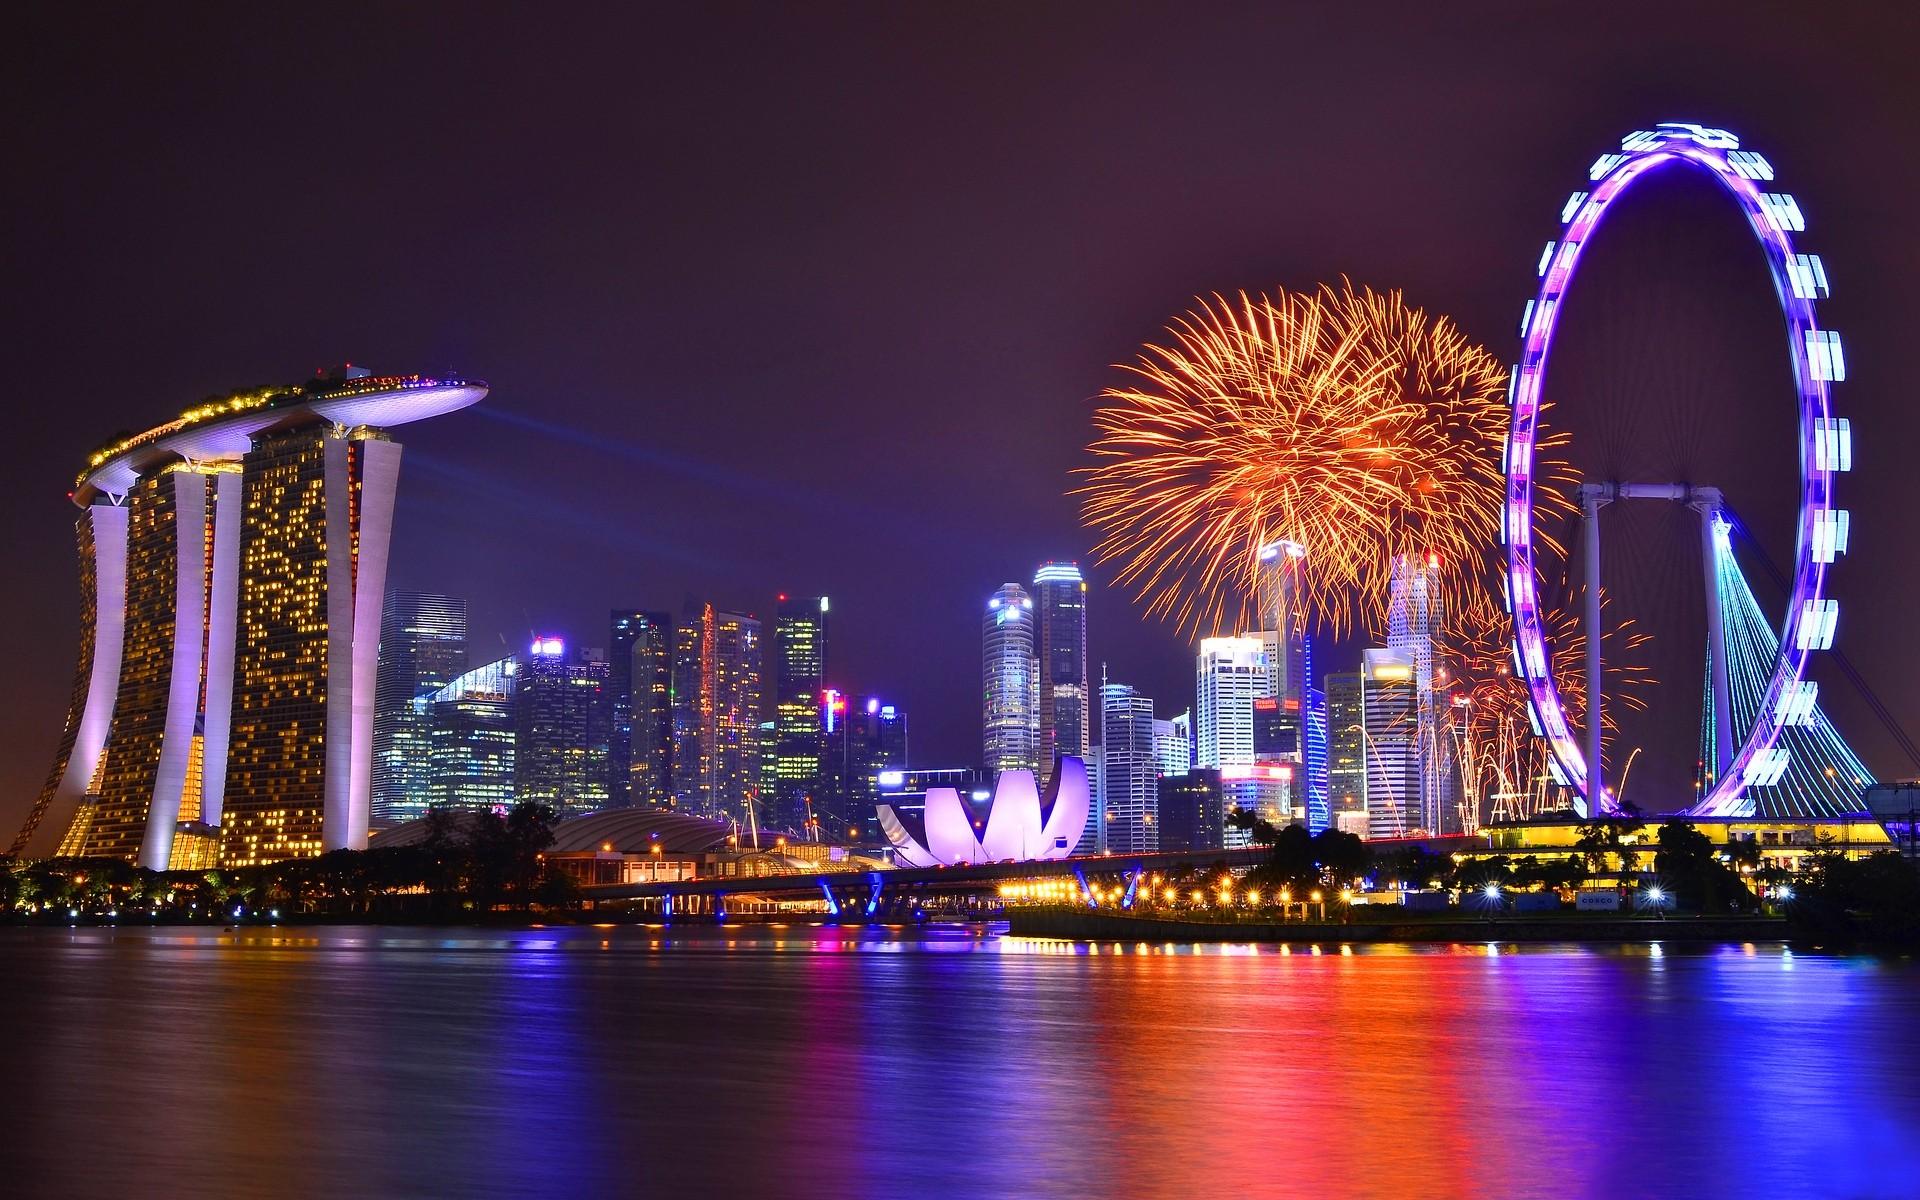 Vista de Singapore nocturna - 1920x1200